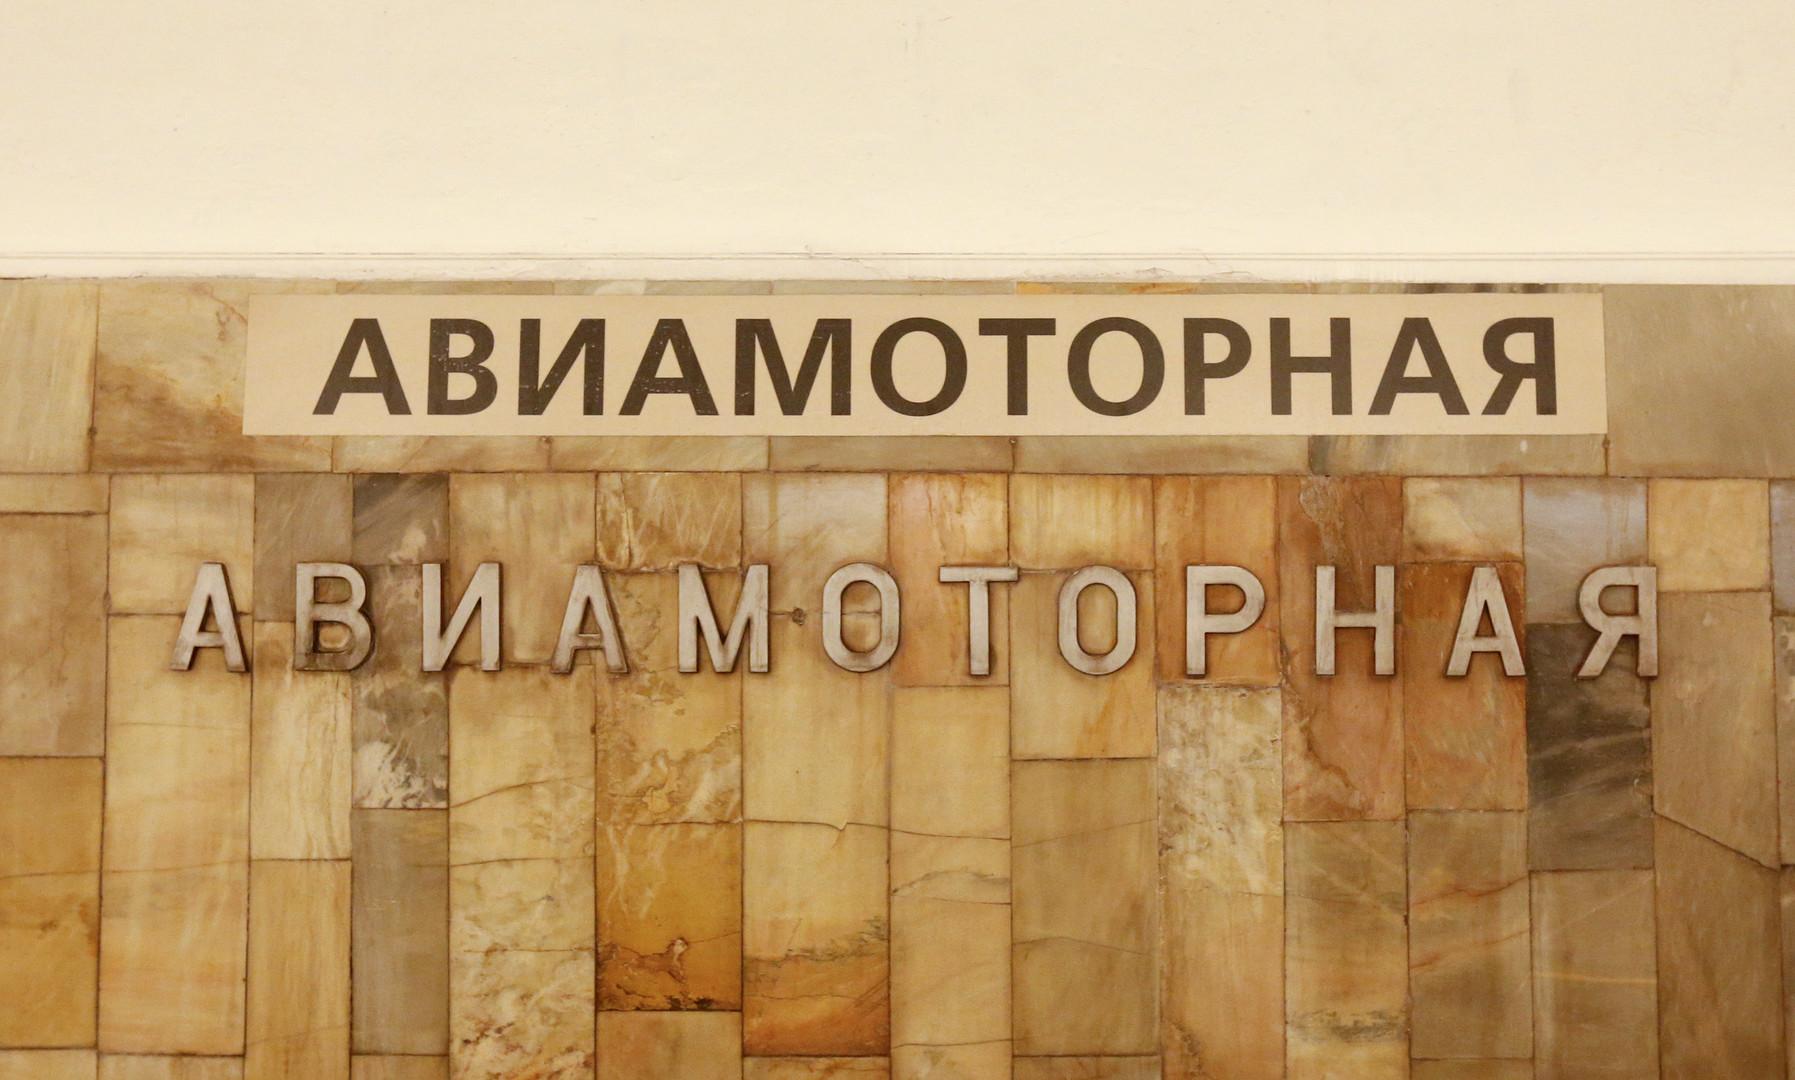 Der U-Bahnhof Aviamotornaya im Osten Moskaus.